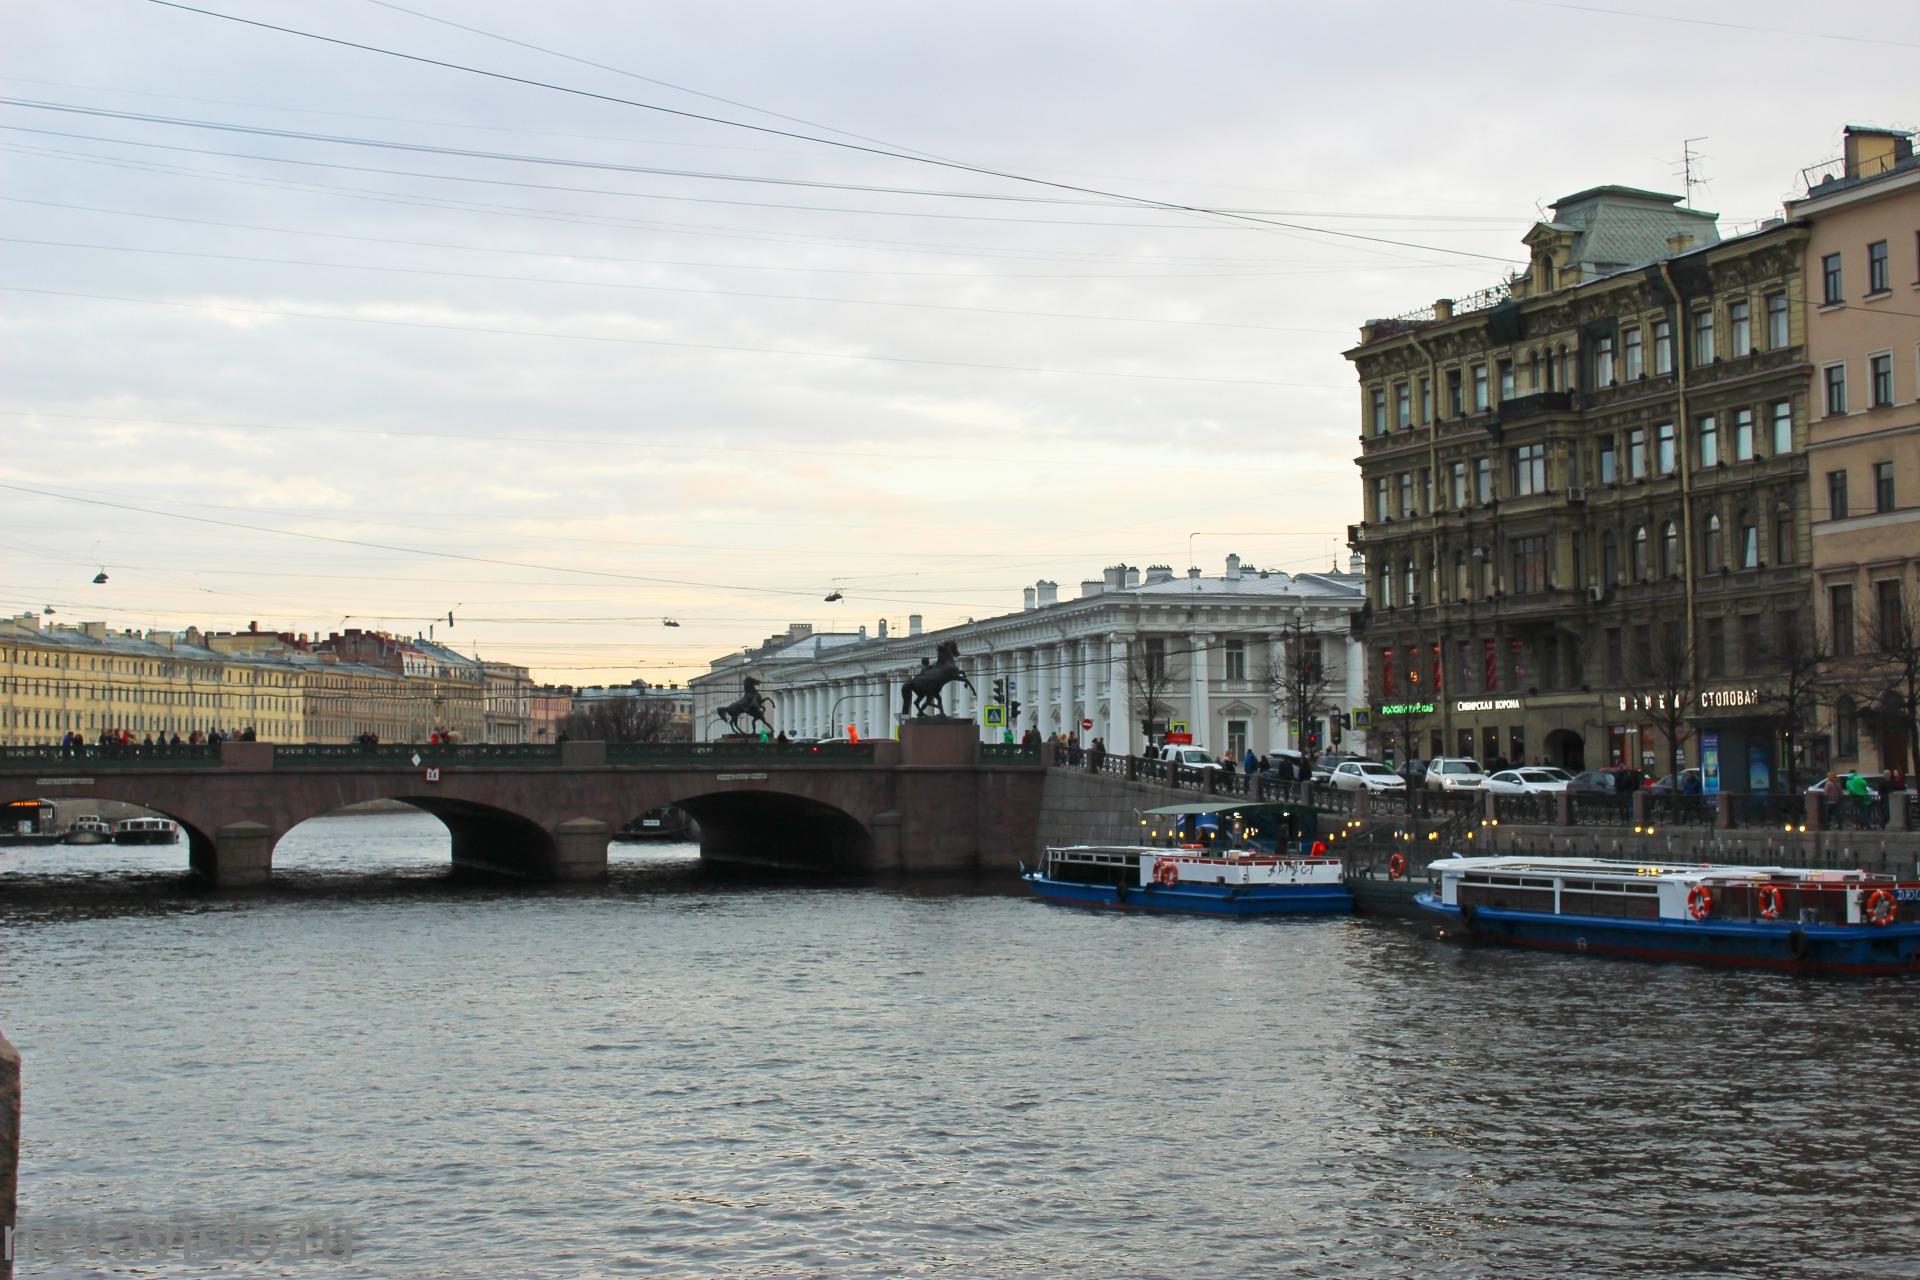 Водные экскурсии в Санкт-Петербурге, водные экскурсии по рекам и каналам, водные экскурсии по Неве, водные прогулки на развод мостов, причал у Аничкова моста на Фонтанке 27, //vodnye-ekskursii.ru/; +7 (921) 578-42-10